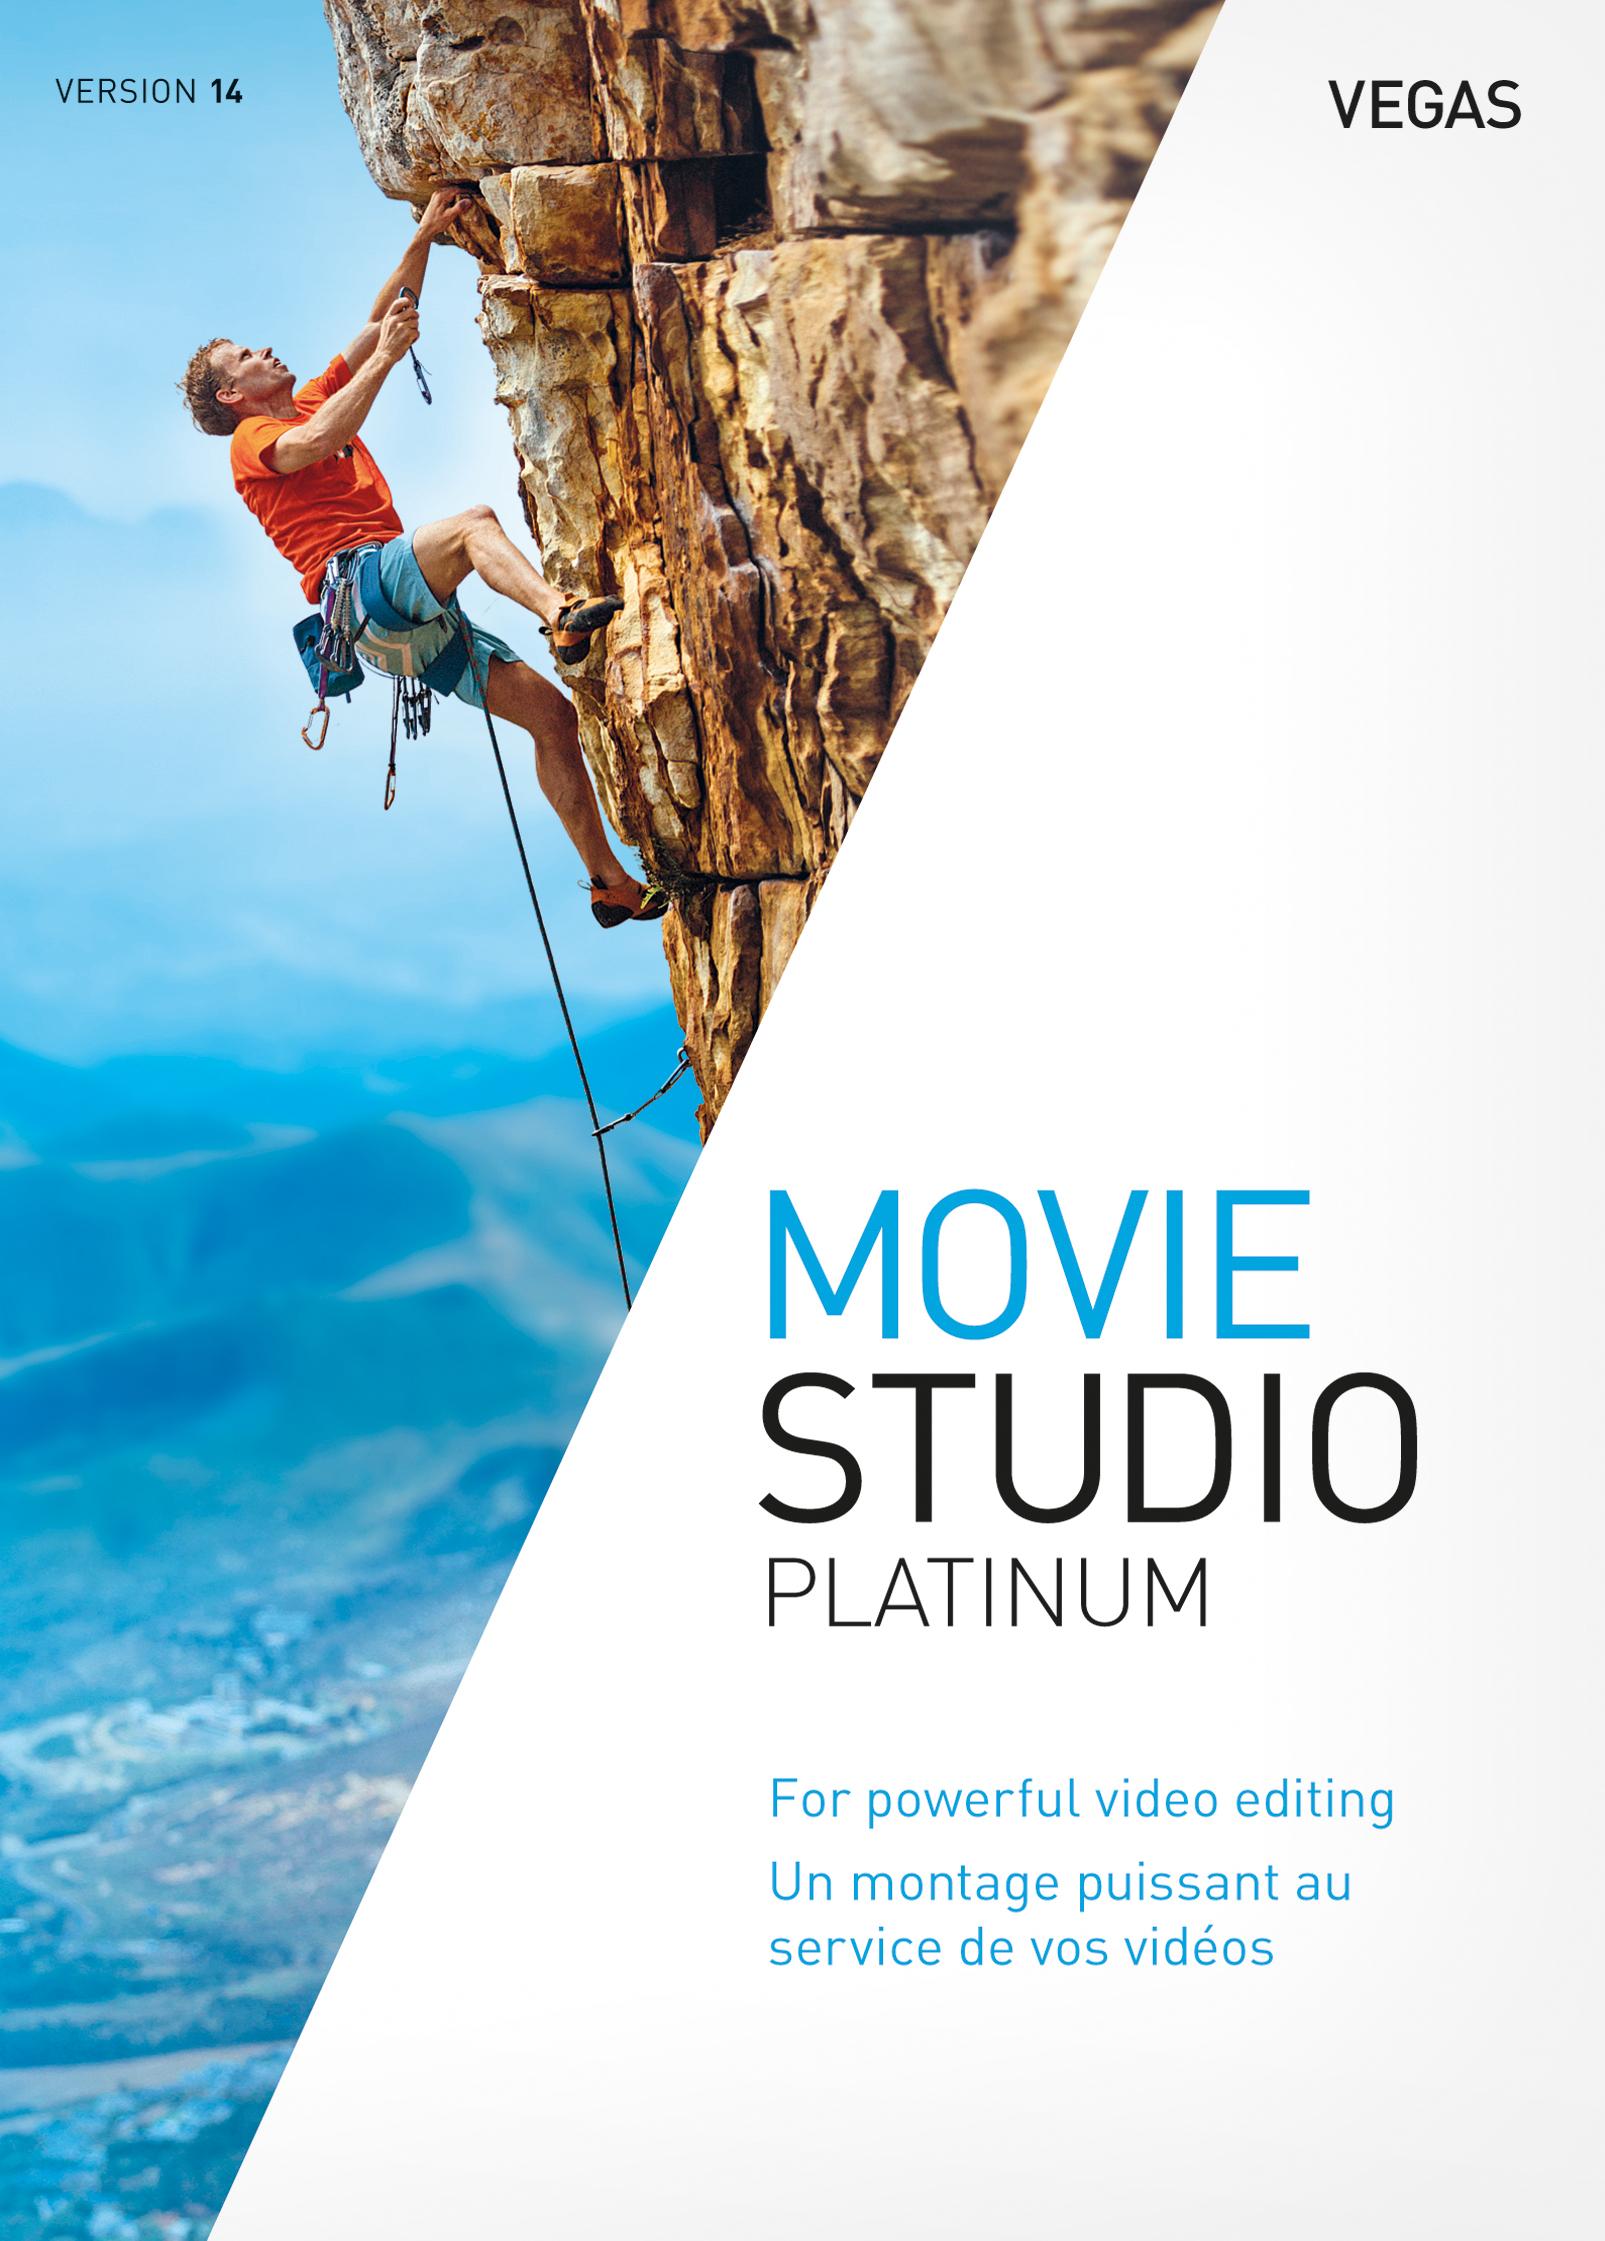 vegas-movie-studio-14-platinum-download